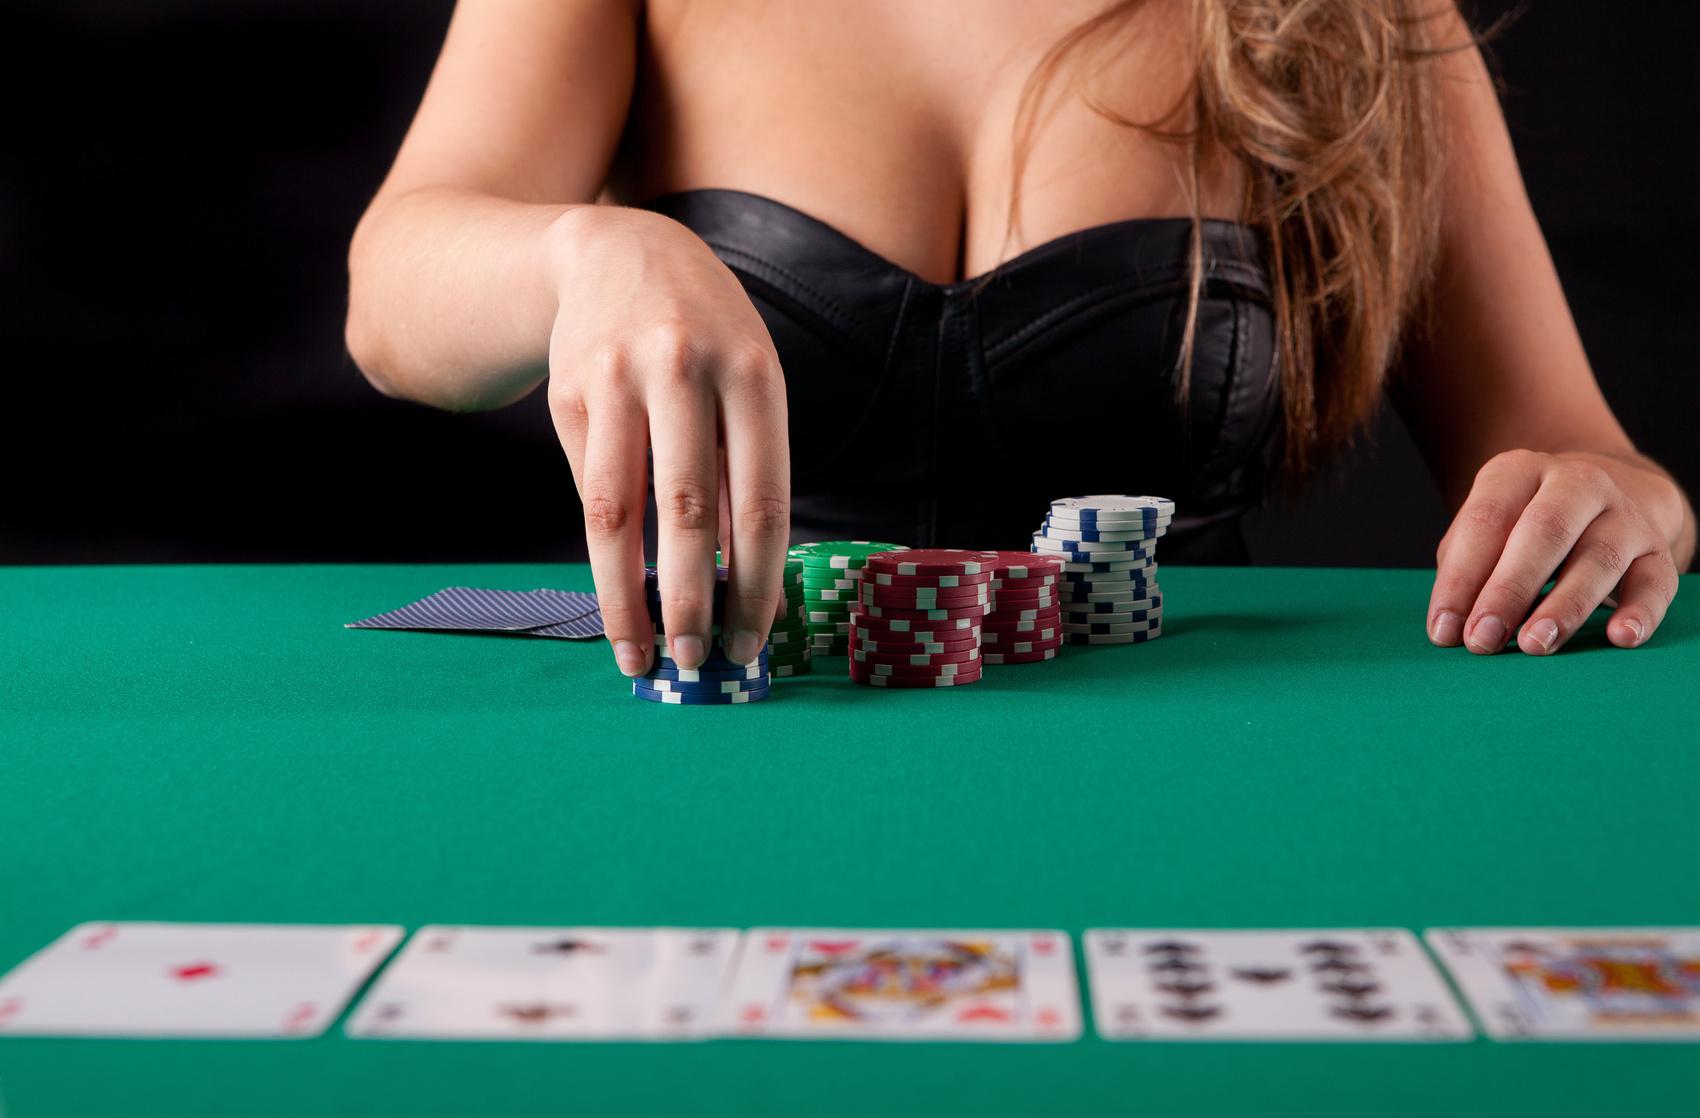 Лучшие покер румы, девушка играет в покер